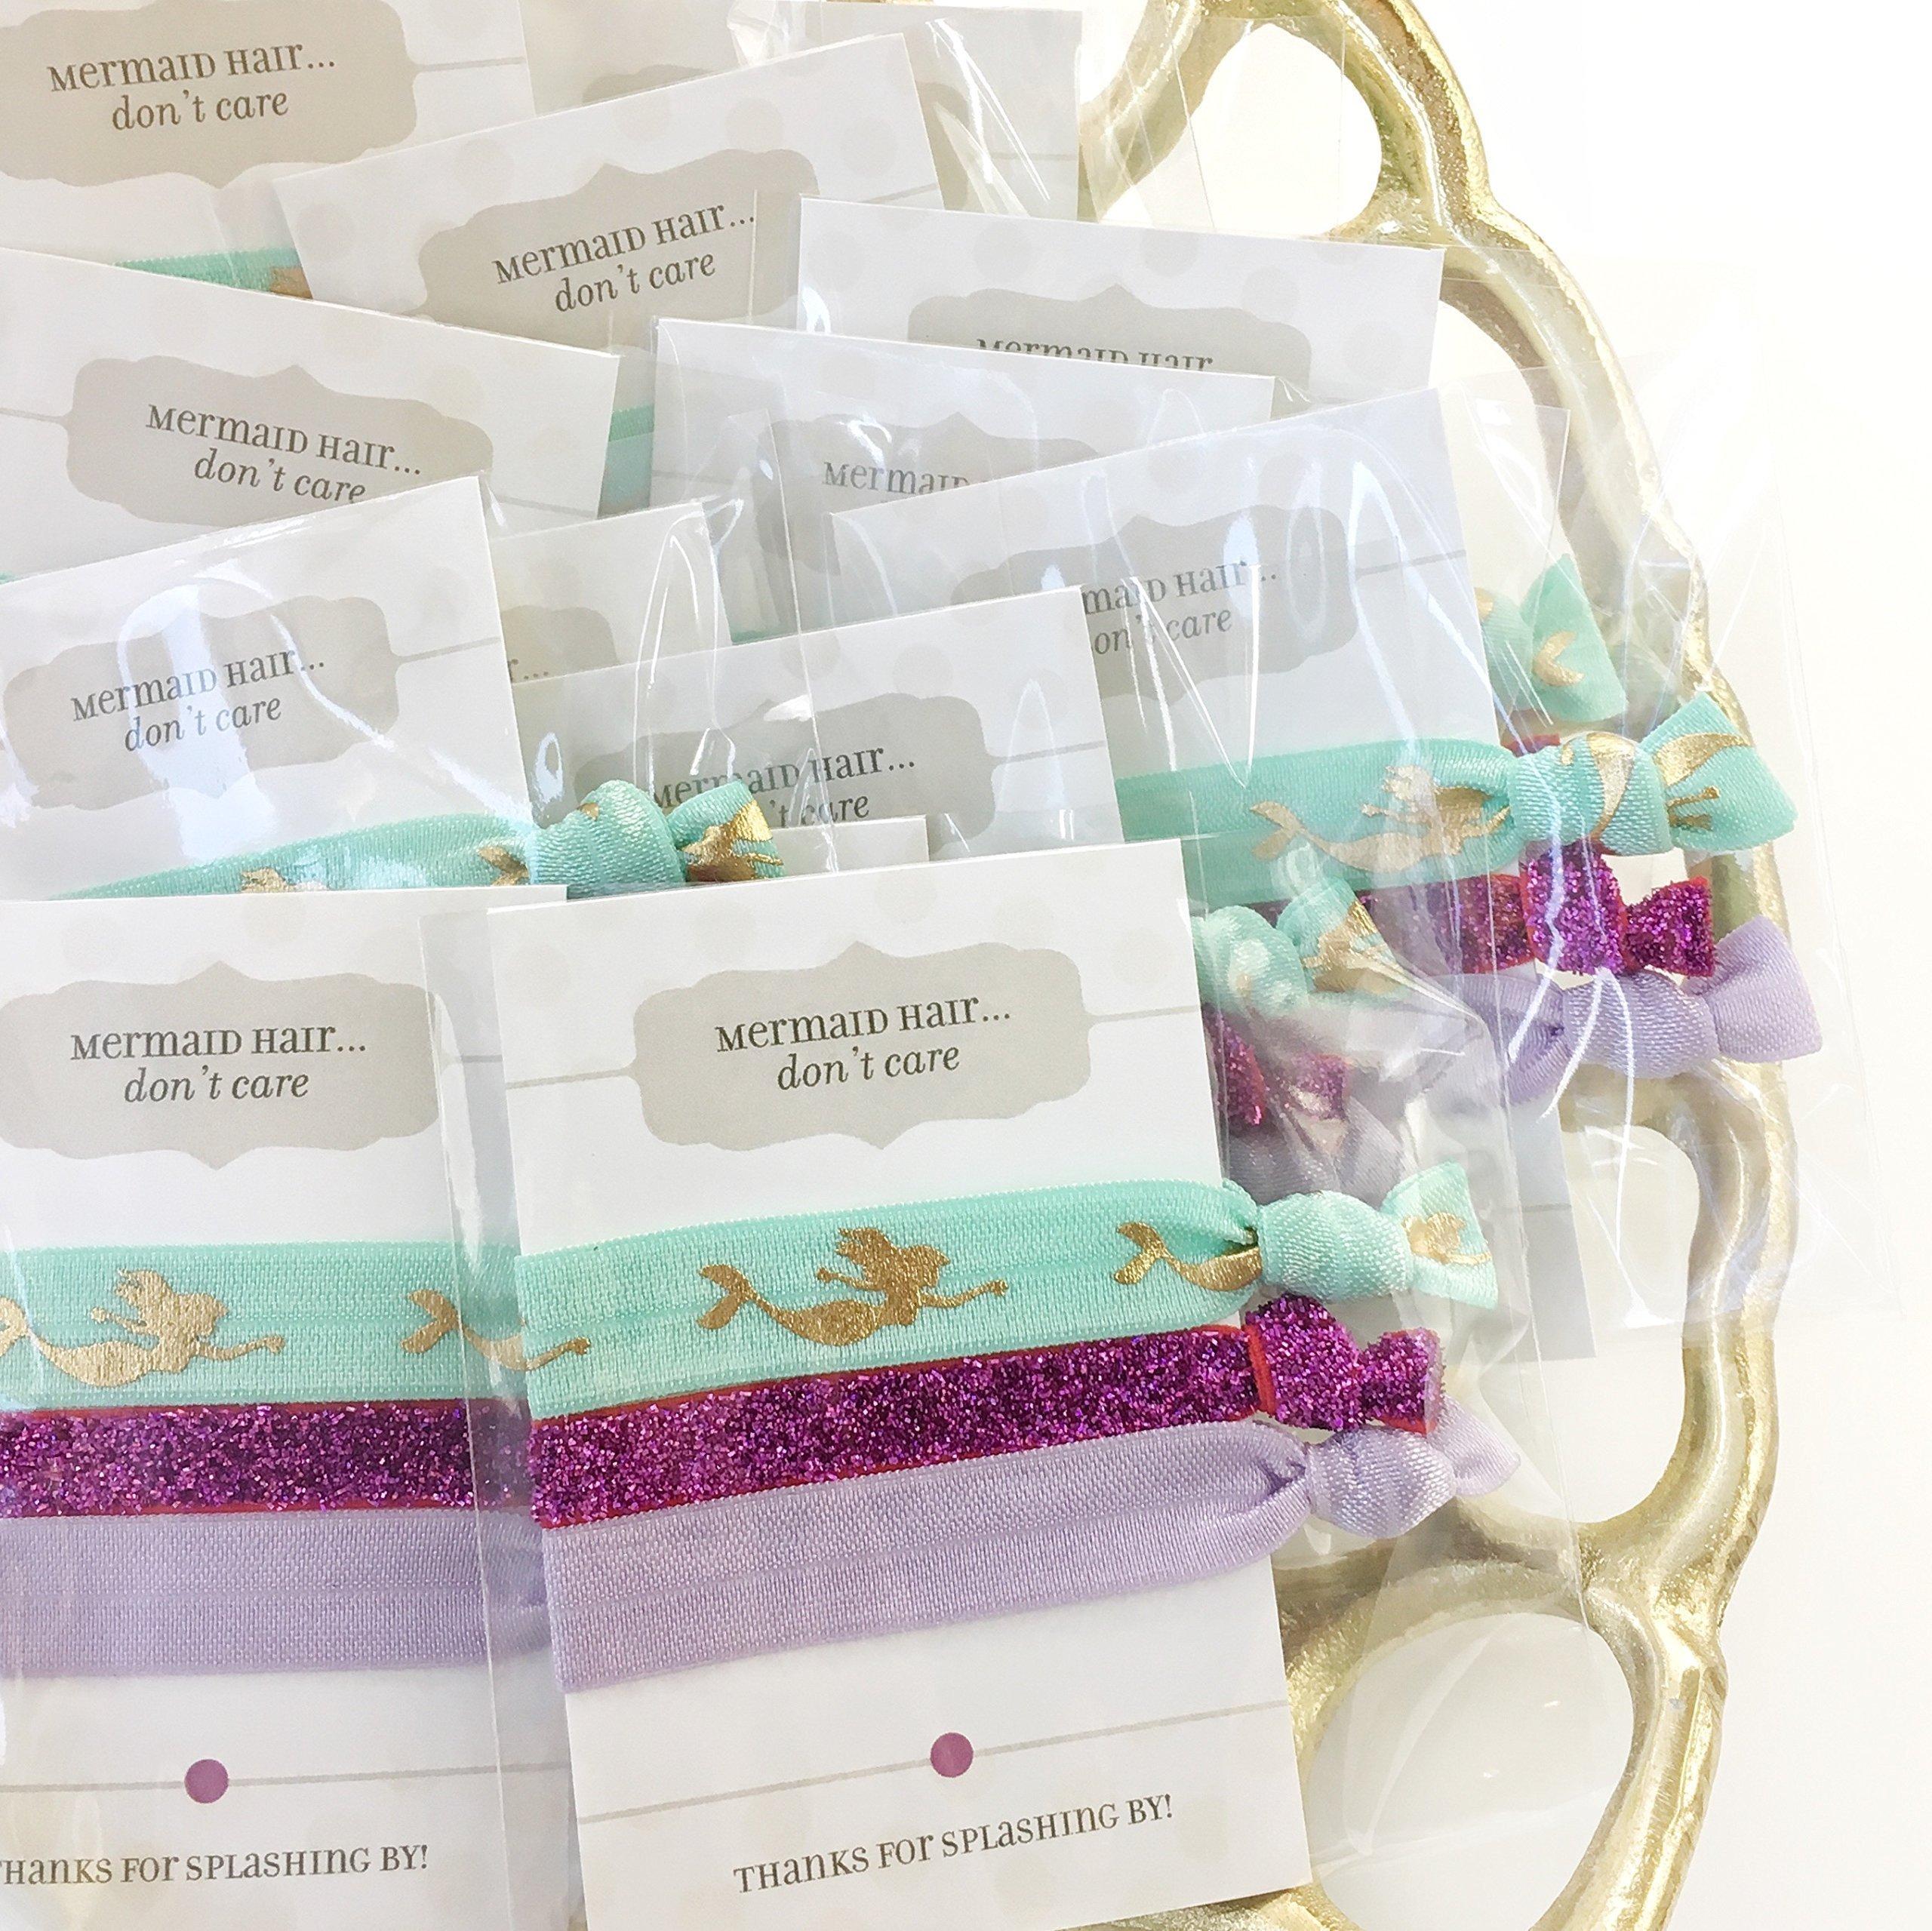 Mermaid Party Favors - Hair Ties (5 Pack) by Plum Polka Dot